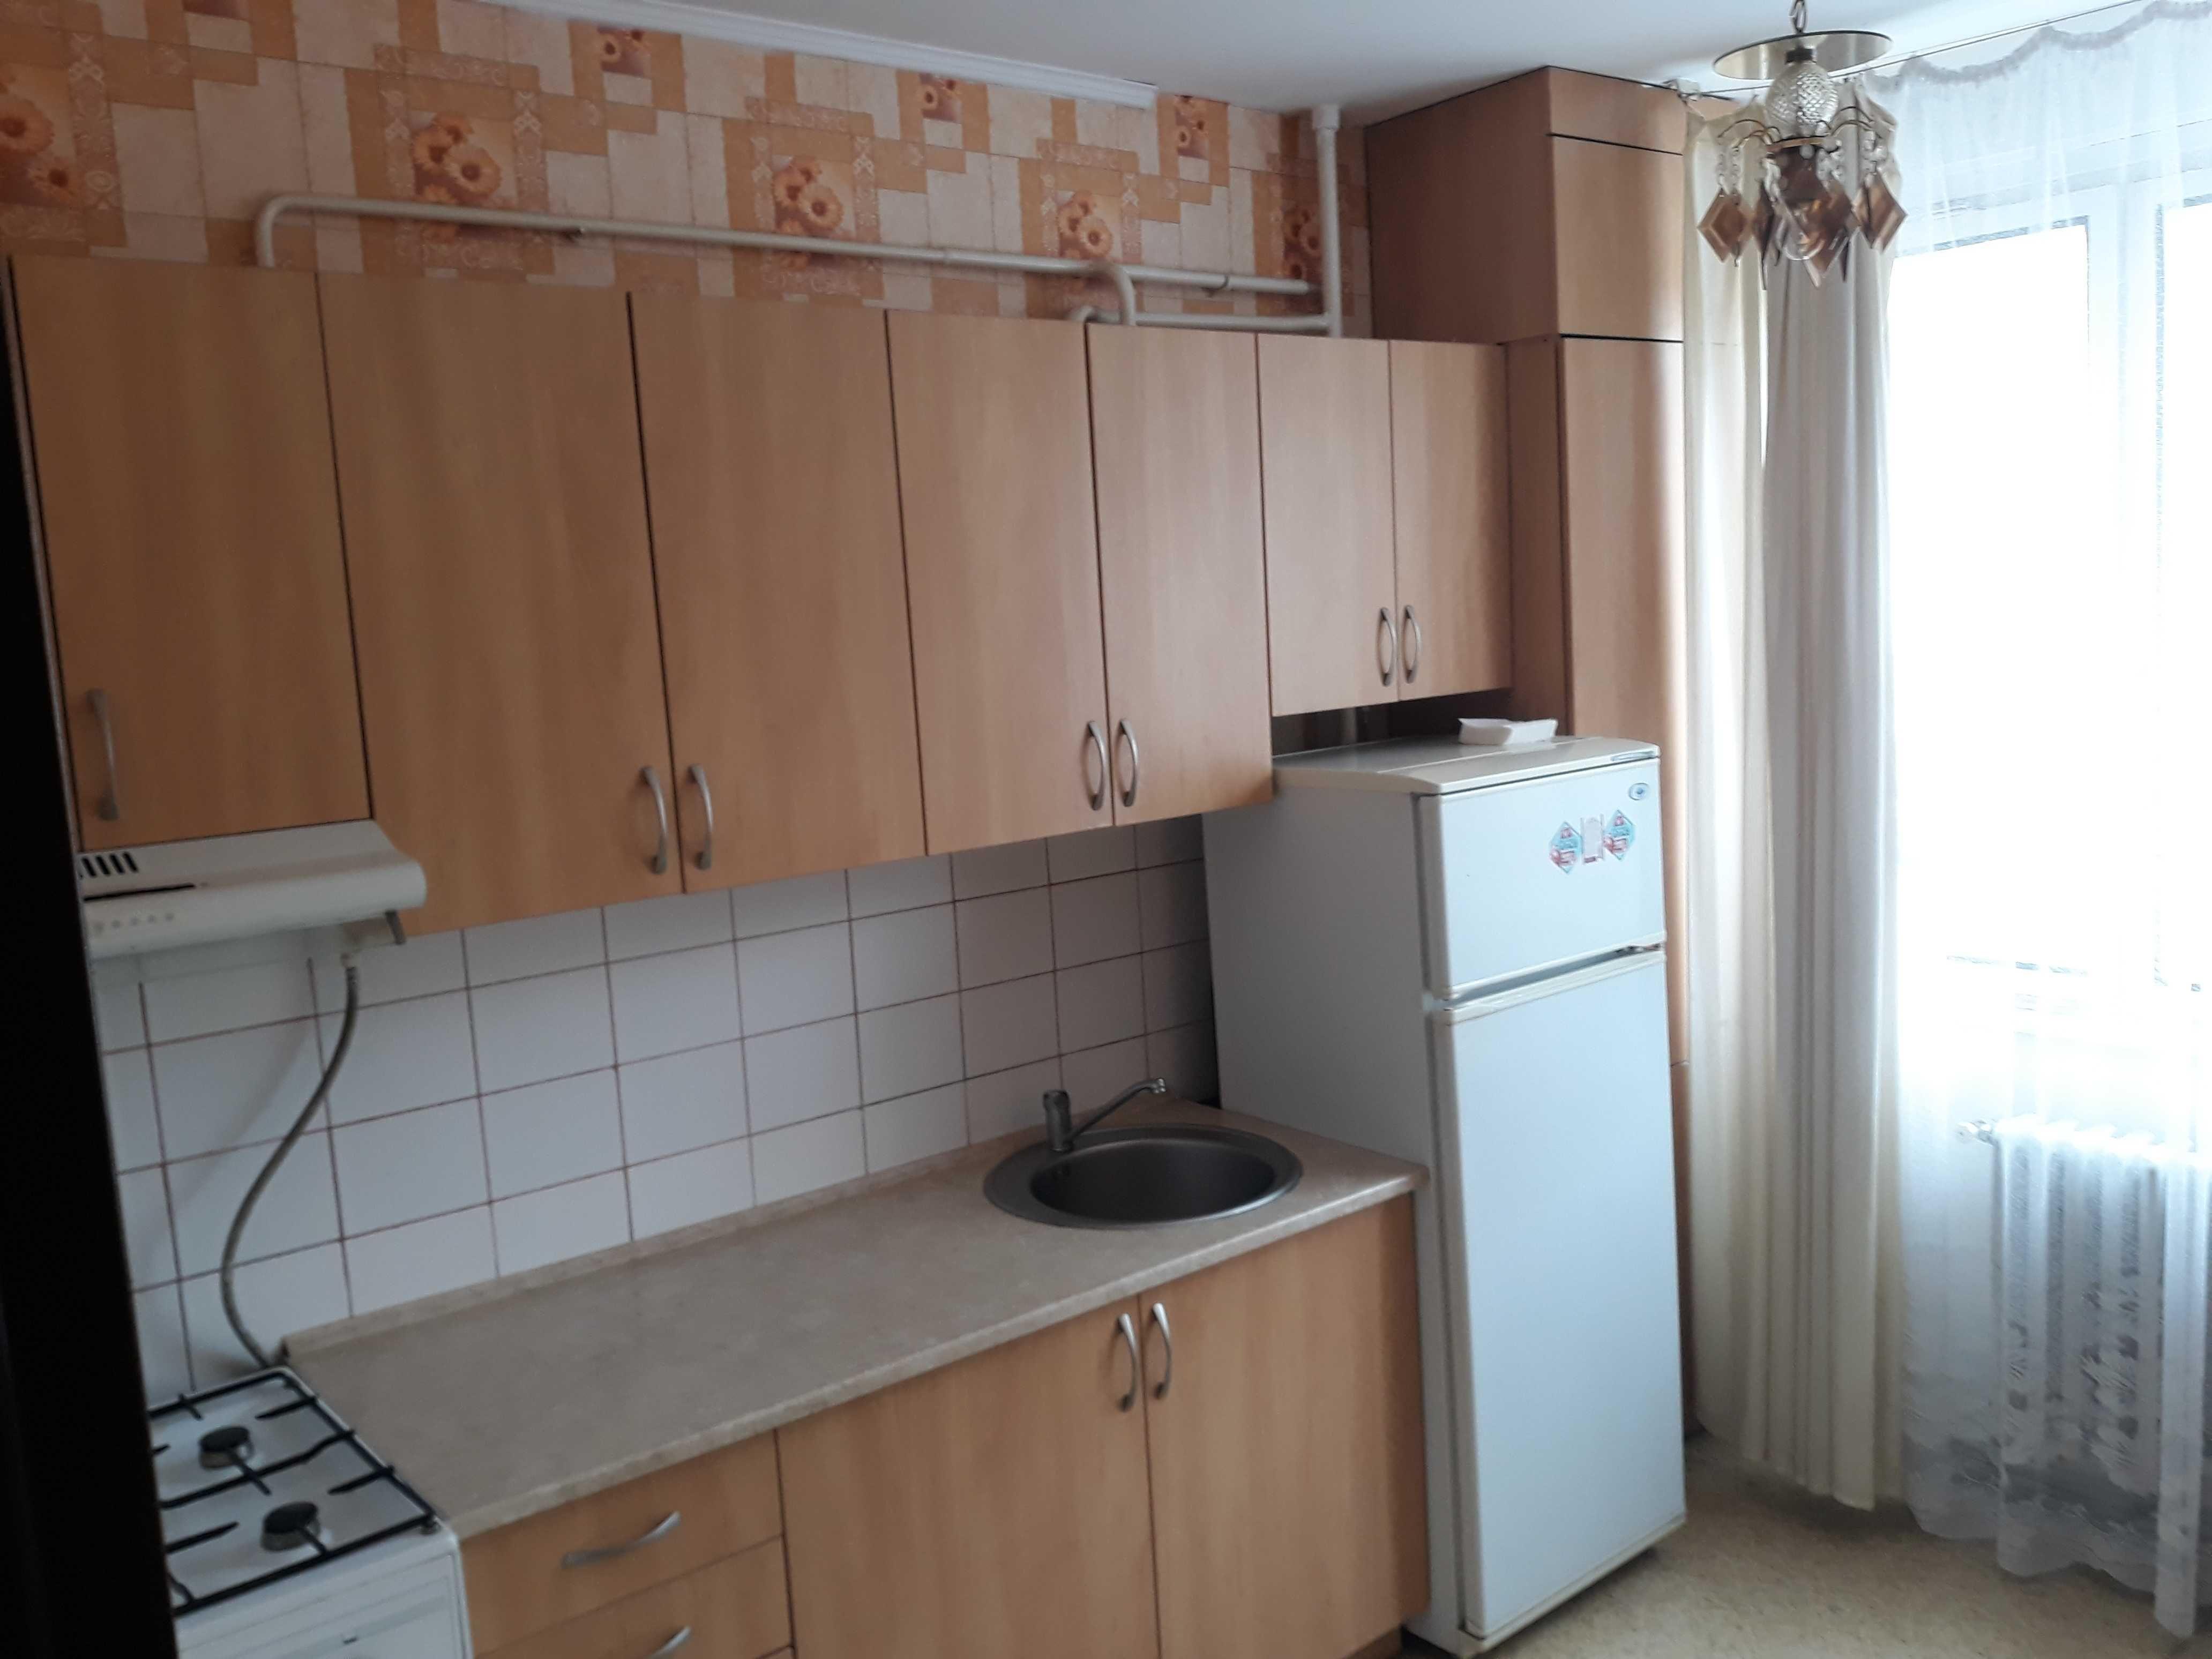 Кухонні меблі хорошої якості